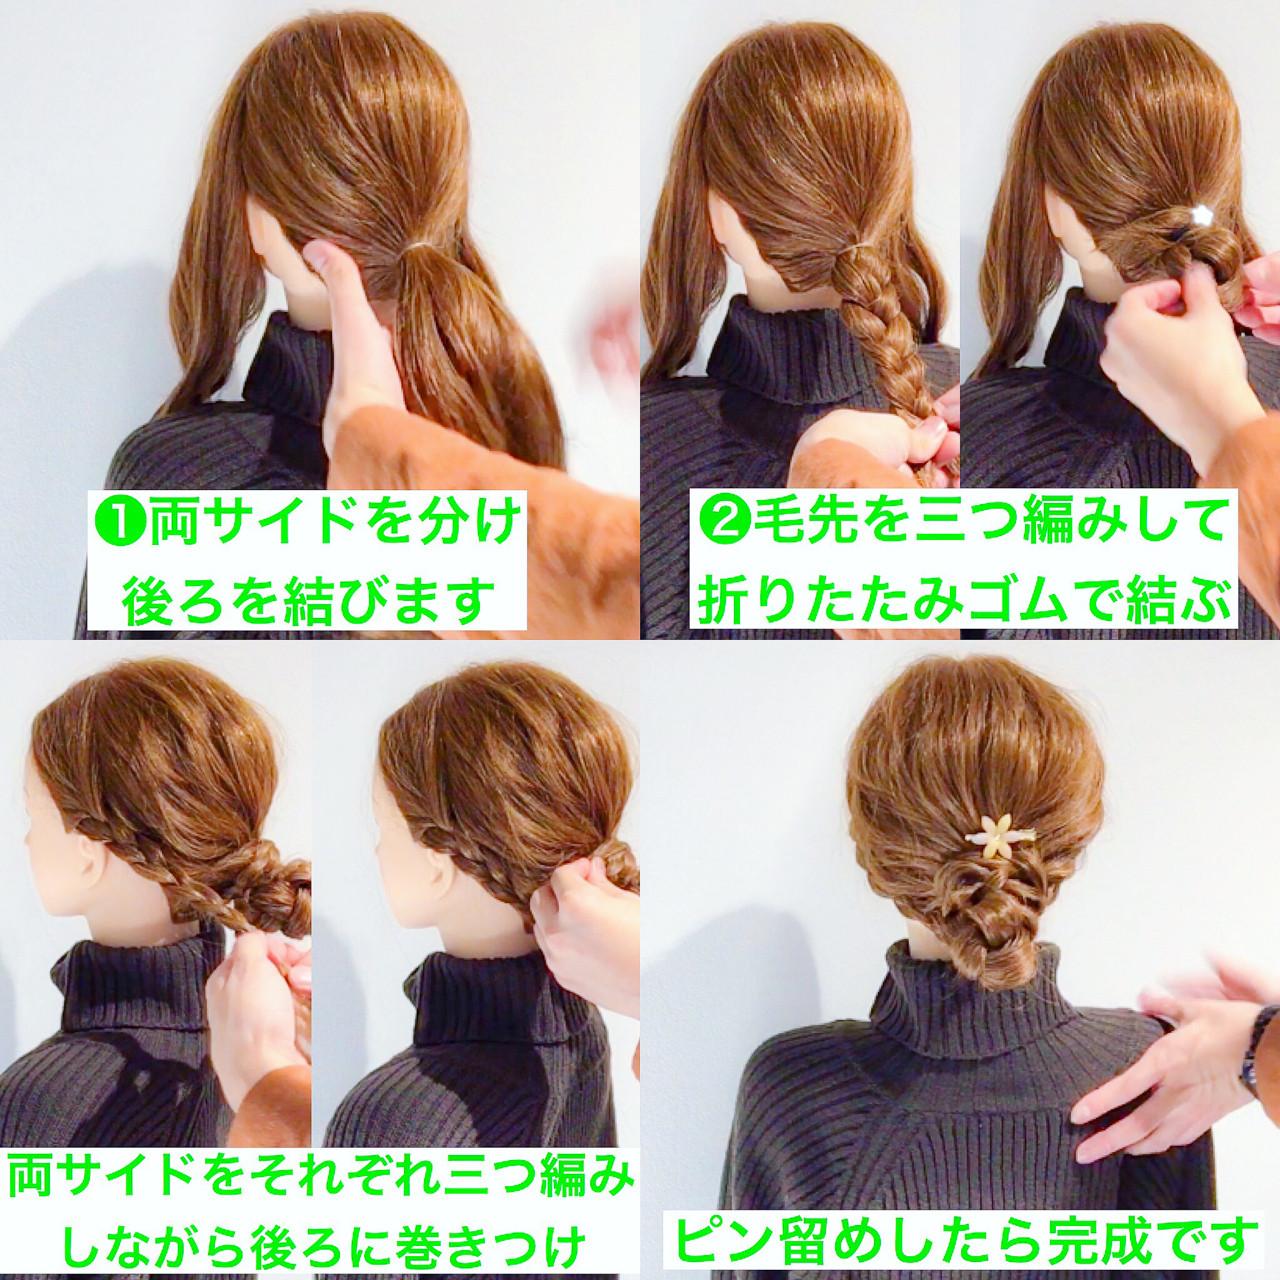 デート ロング フェミニン 簡単ヘアアレンジ ヘアスタイルや髪型の写真・画像 | 美容師HIRO/Amoute代表 / Amoute/アムティ